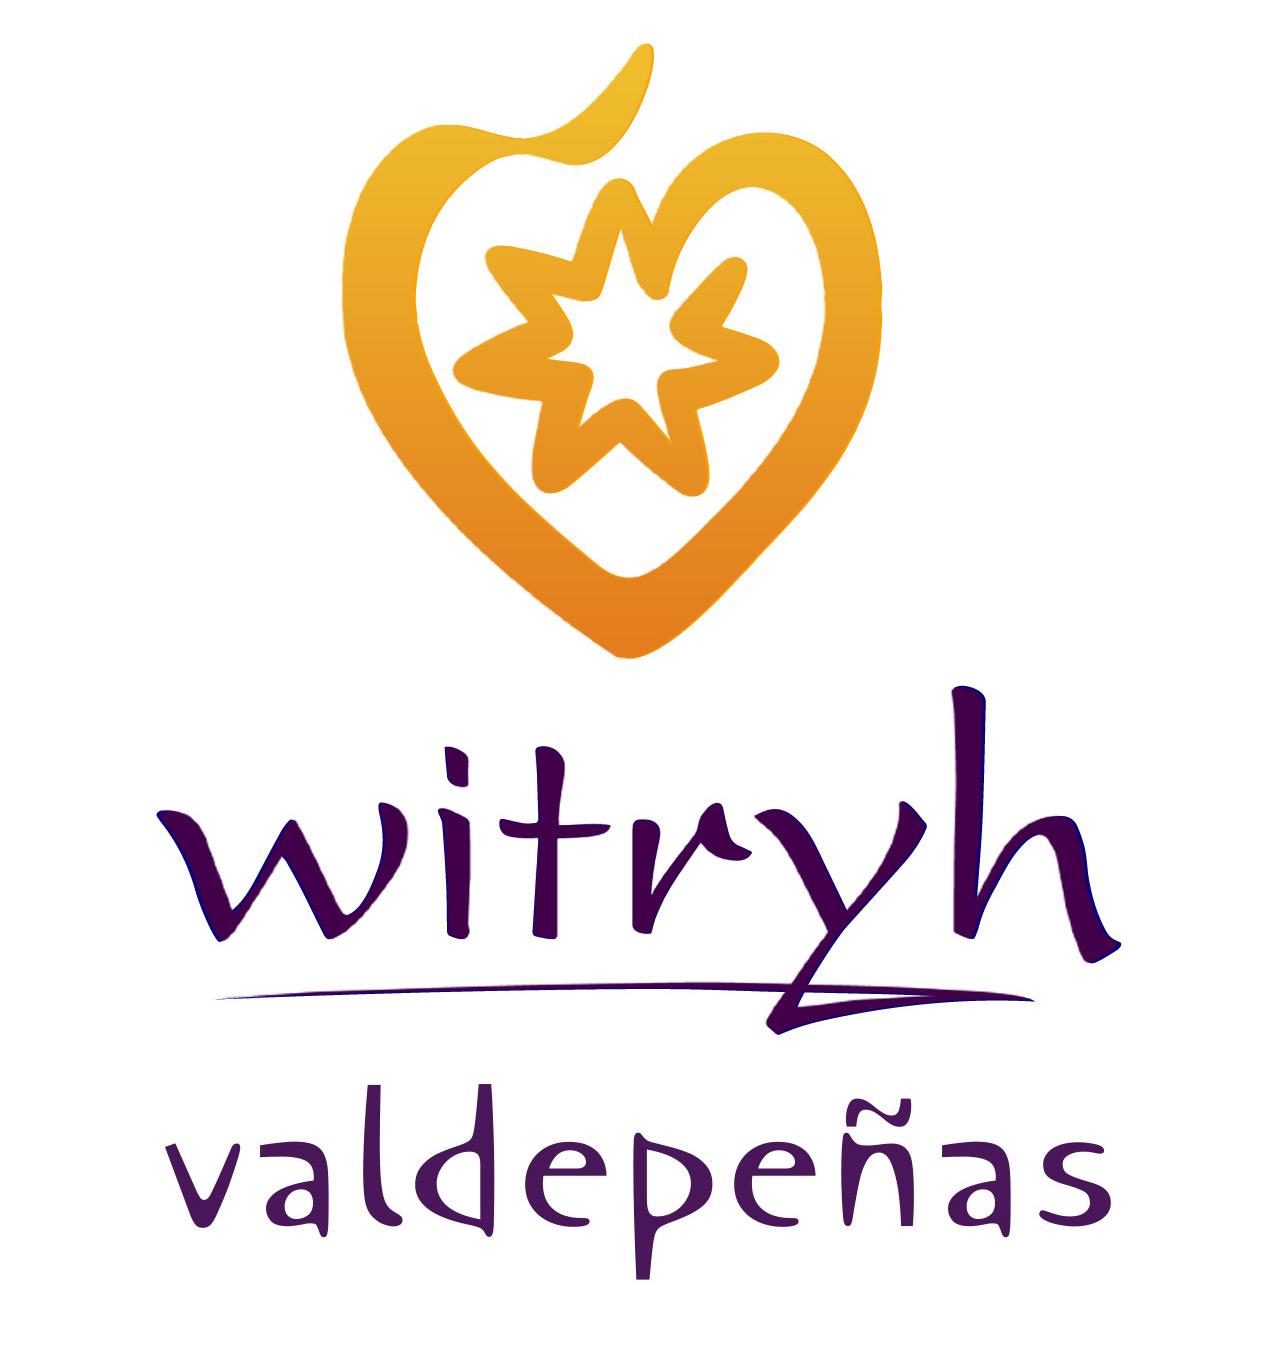 Witryh Valdepeñas